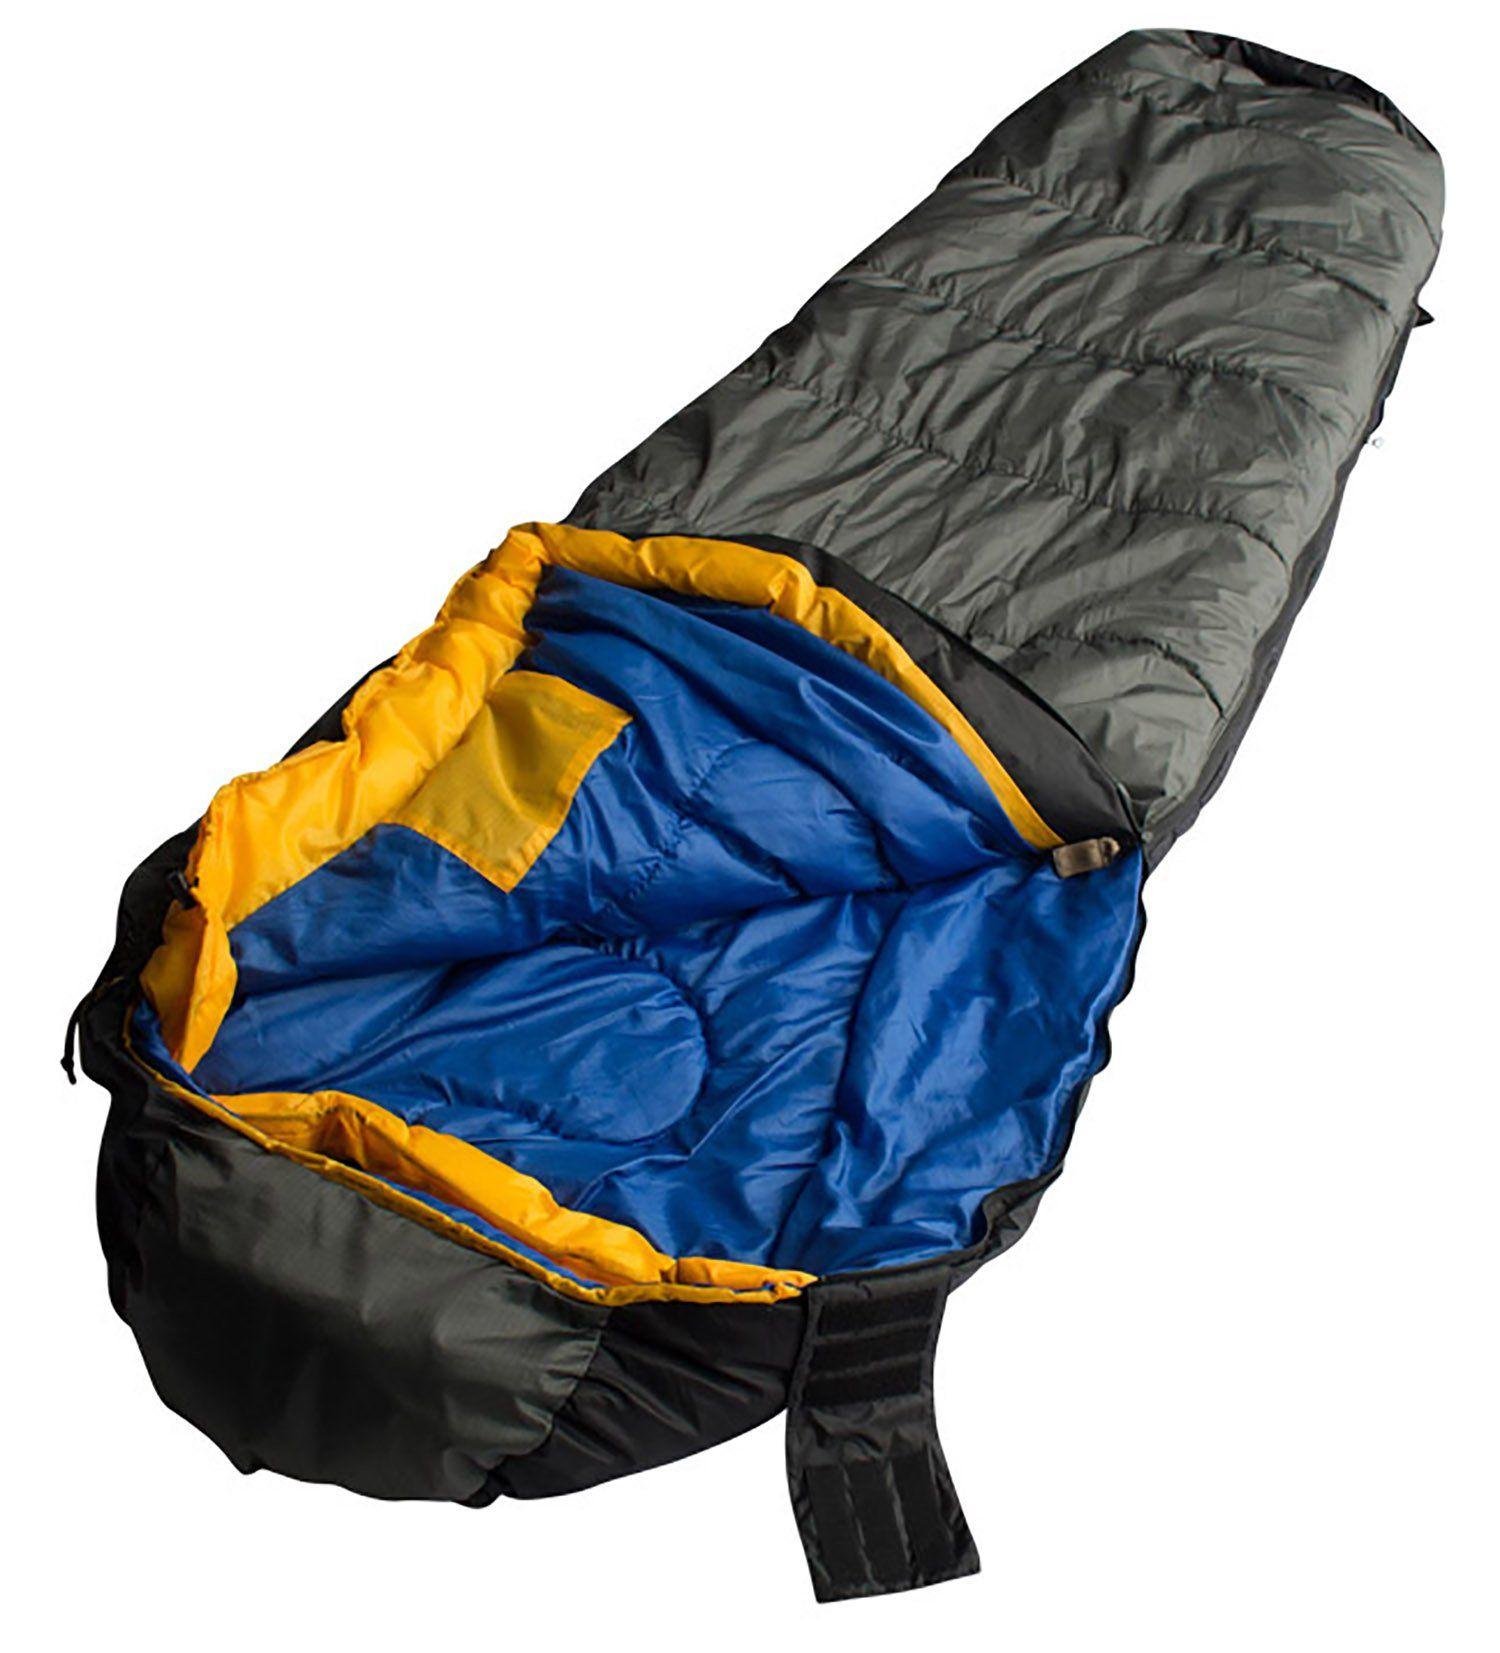 Types Of Sleeping Bags